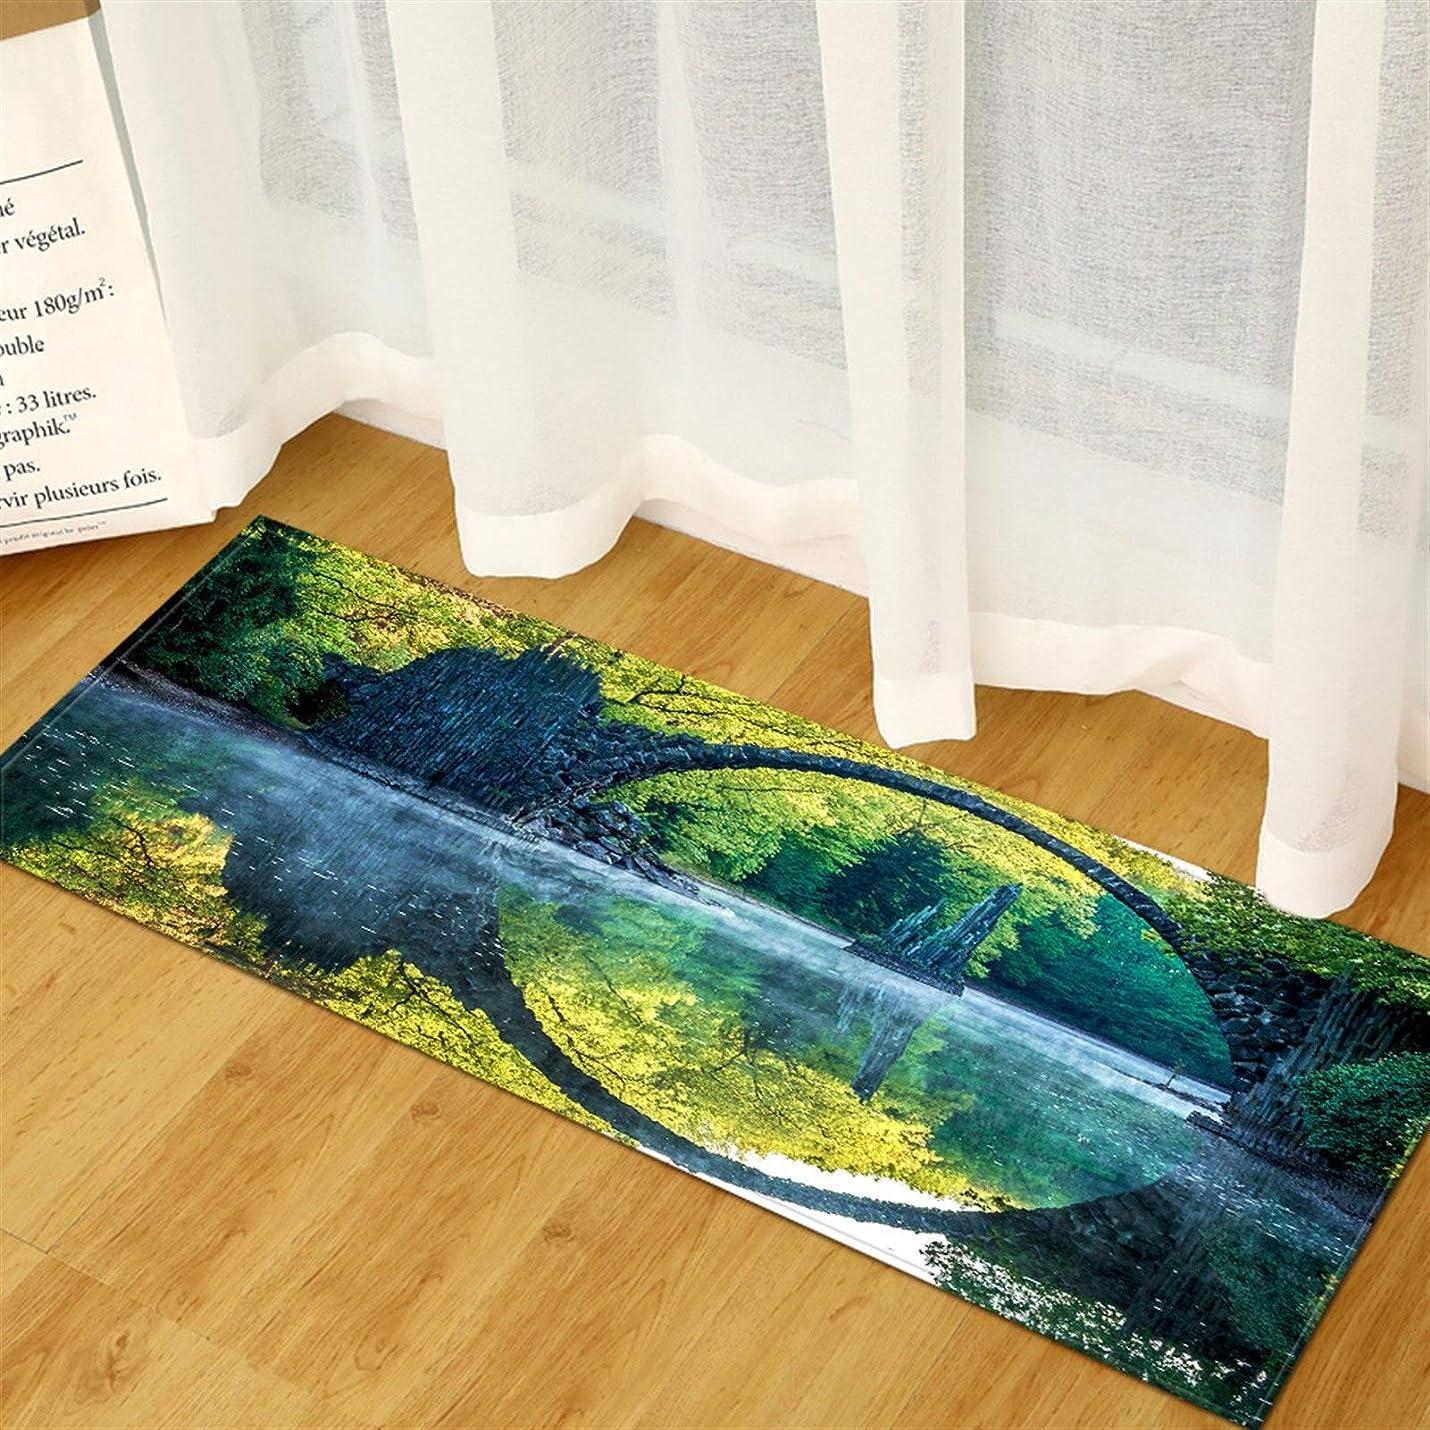 野生穴滴下スーパーソフトラグ滑り止め耐久性のあるカーペット キッチンカーペットホームベッドルームエントランス玄関廊下バルコニーフロアマット景観パターン浴室ノンスリップ吸水ラグ (Color : CFBI5, Size : 40cmx60cm)